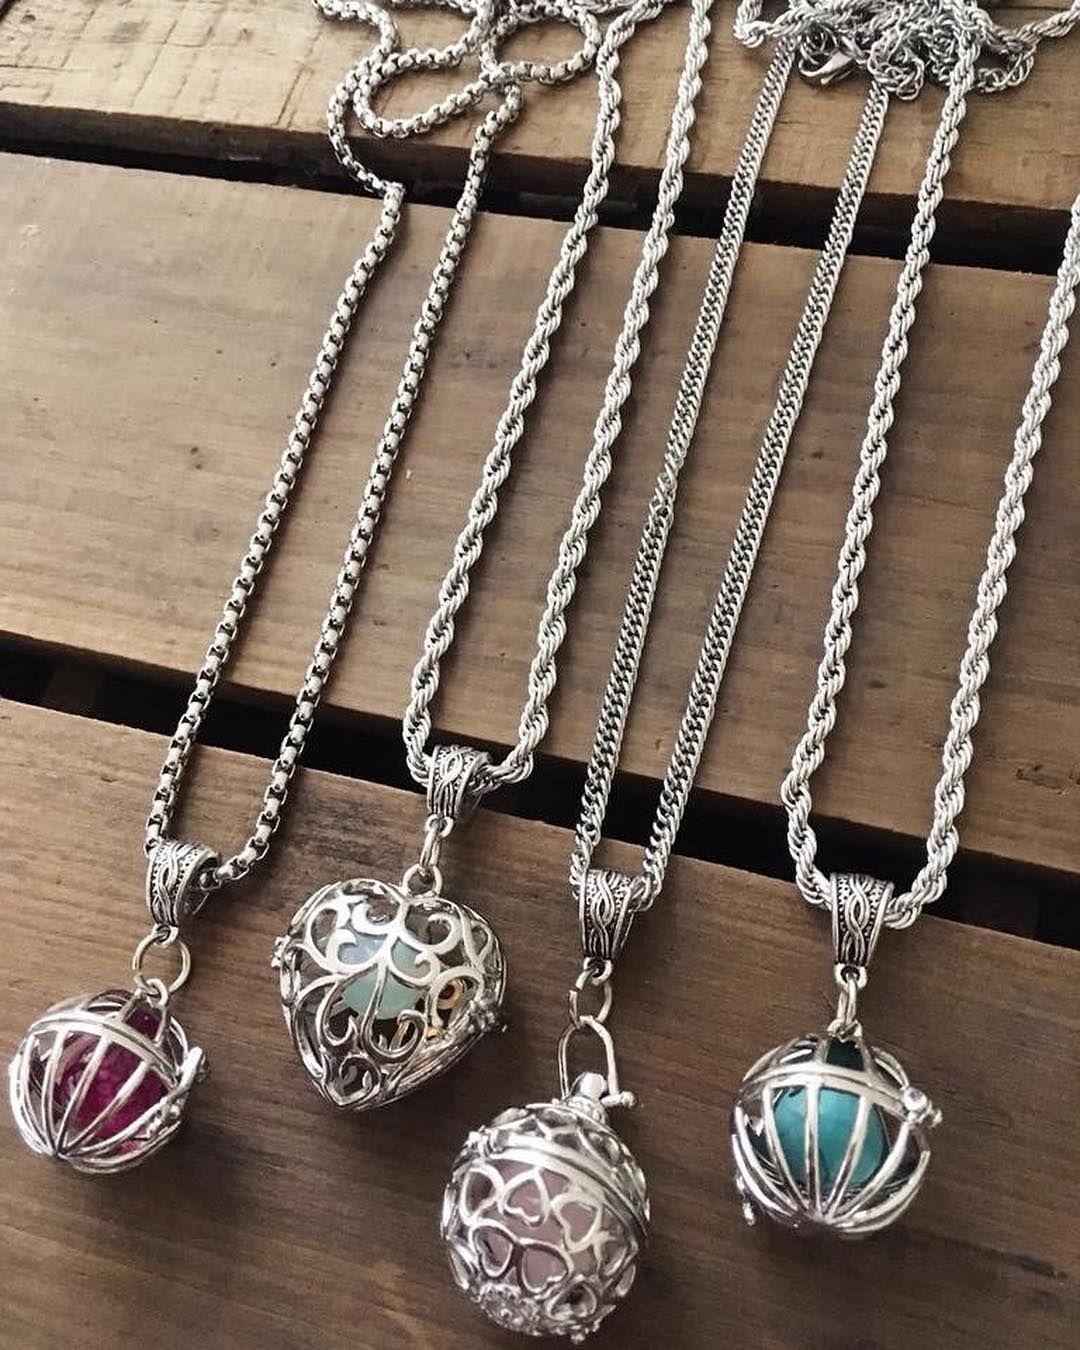 f7d288953661 RELICARIOS ♥ Con cadena de acero quirúrgico y varias piedras para que  puedas cambiar el color del cofre ✨ ¿Ya tenés el tuyo